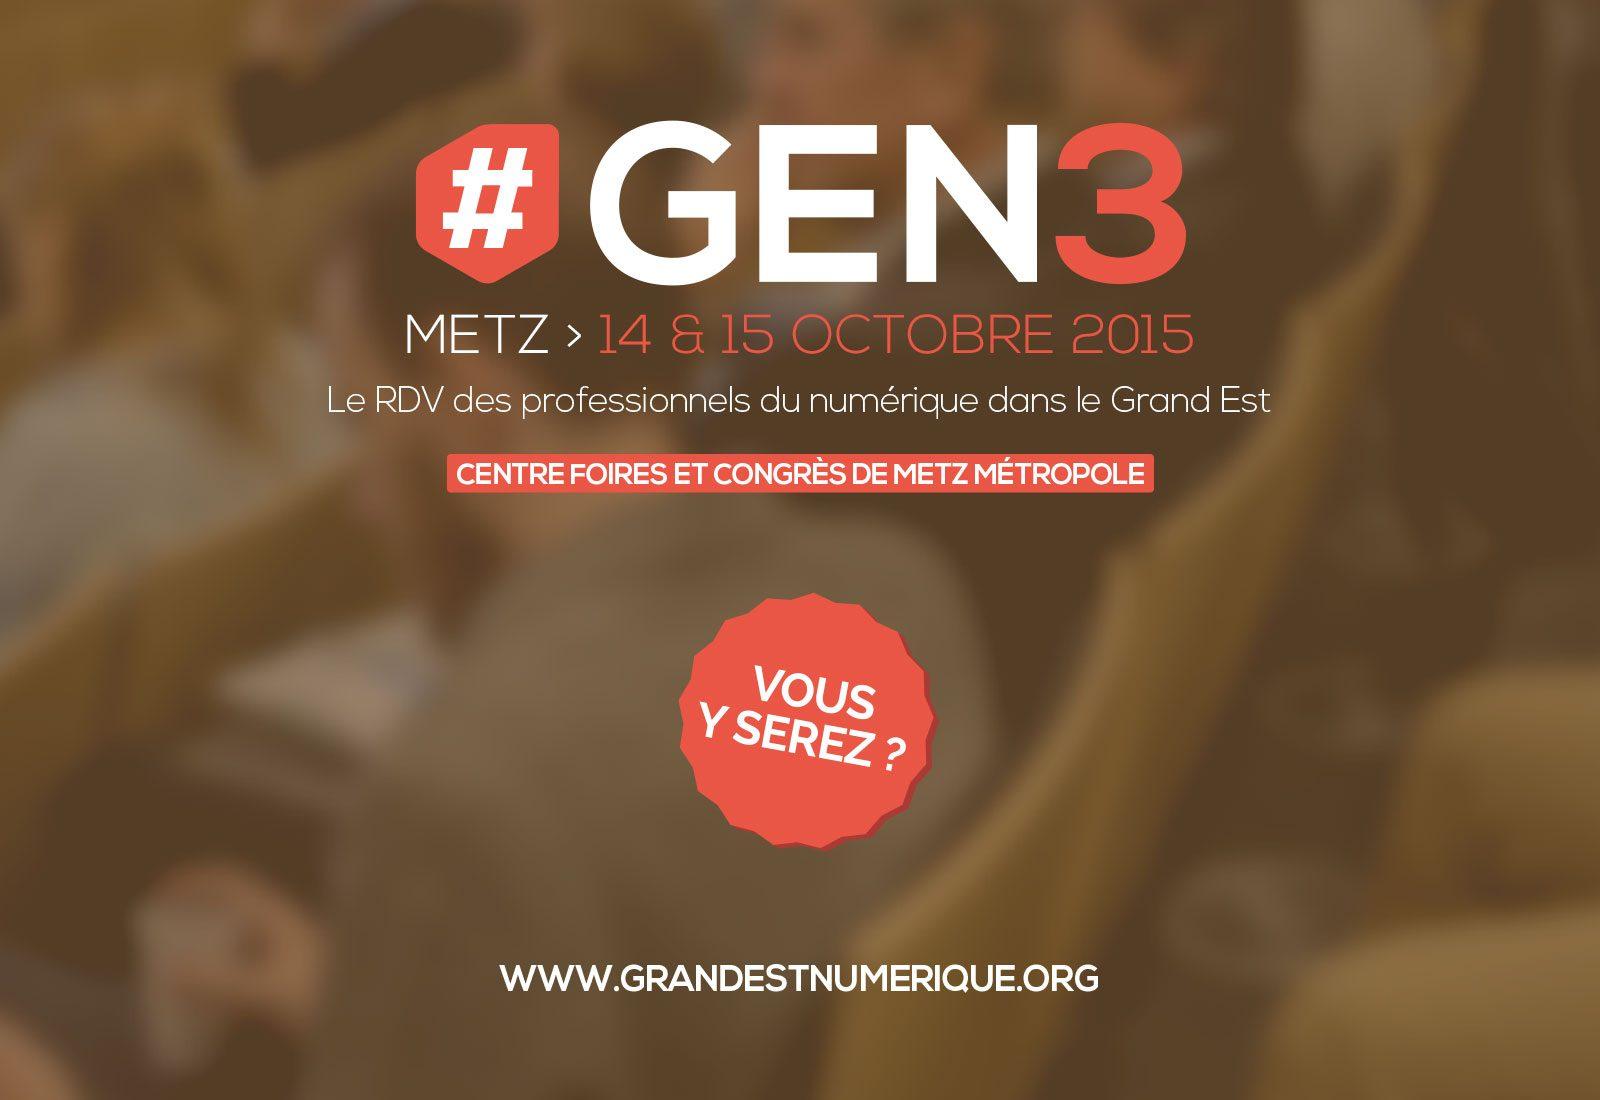 Photo de Lancement de #GEN3 à Metz : le rendez-vous numérique du Grand Est